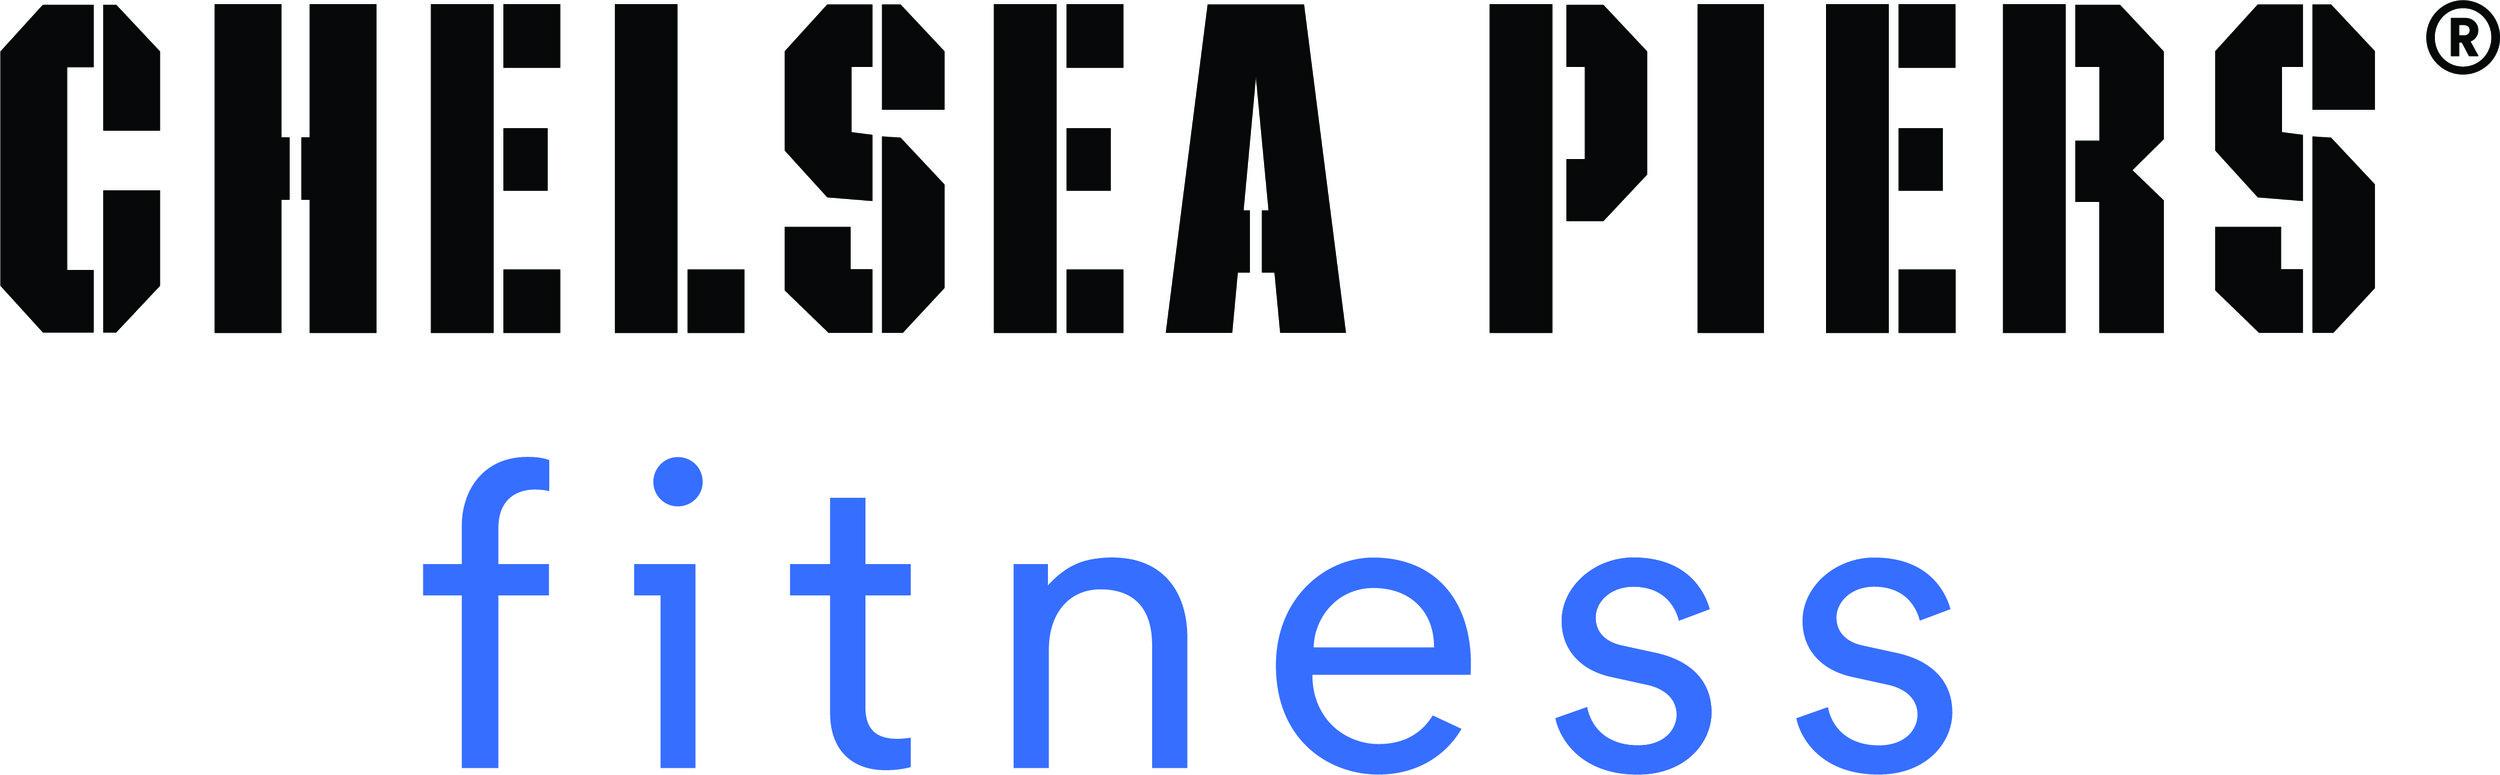 Fitness_Primary_logo_CMYK_Black_Blue.jpg